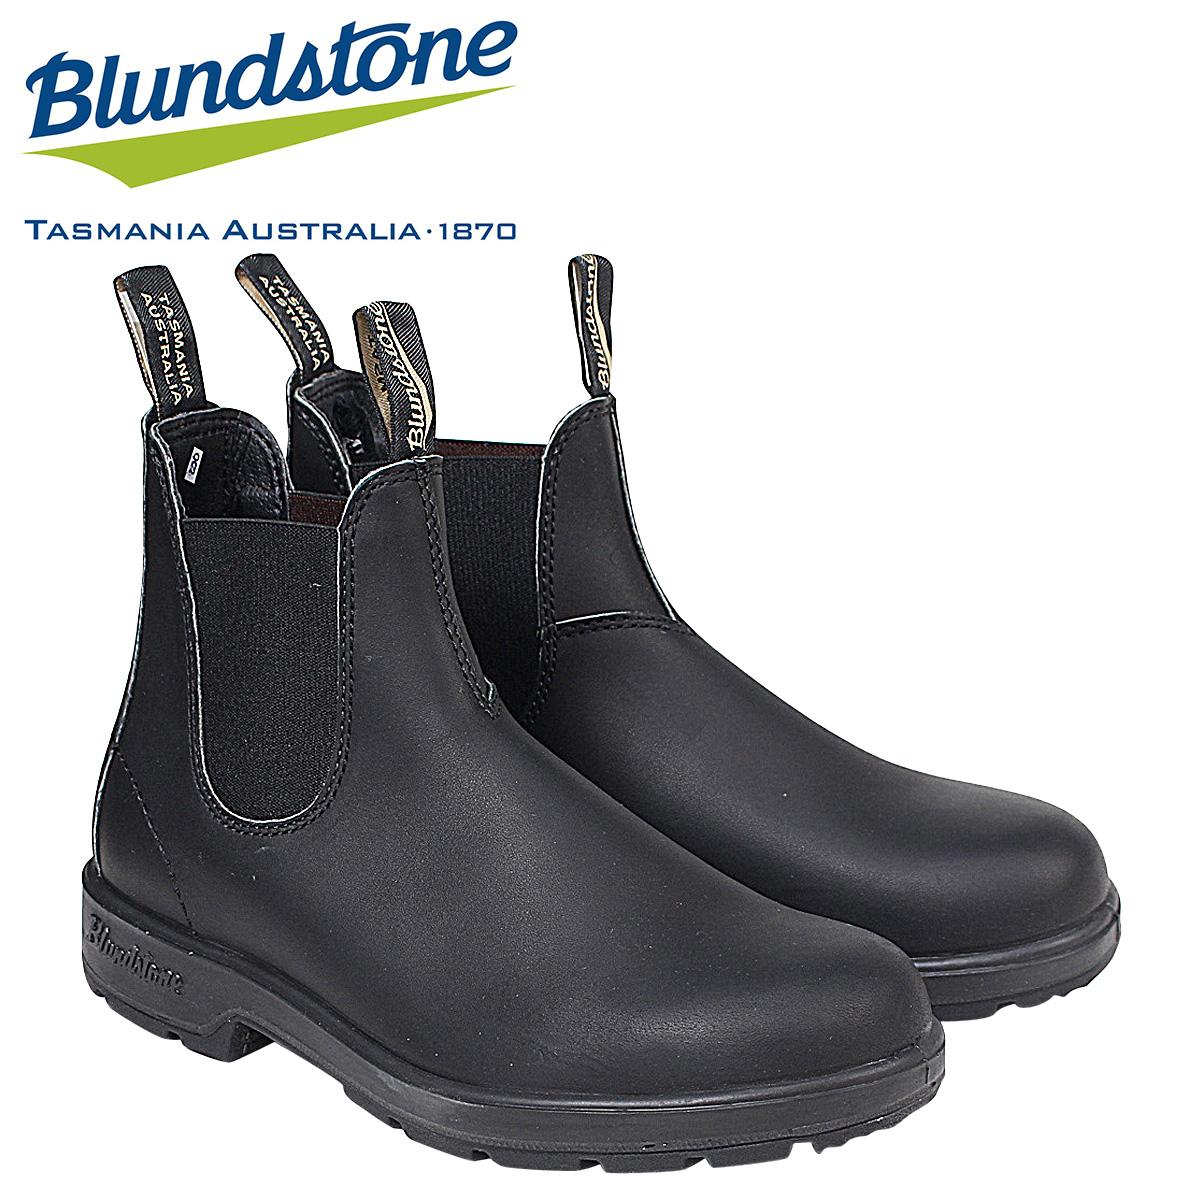 ブランドストーン Blundstone サイドゴア メンズ ブーツ CLASSICS 510 ブラック